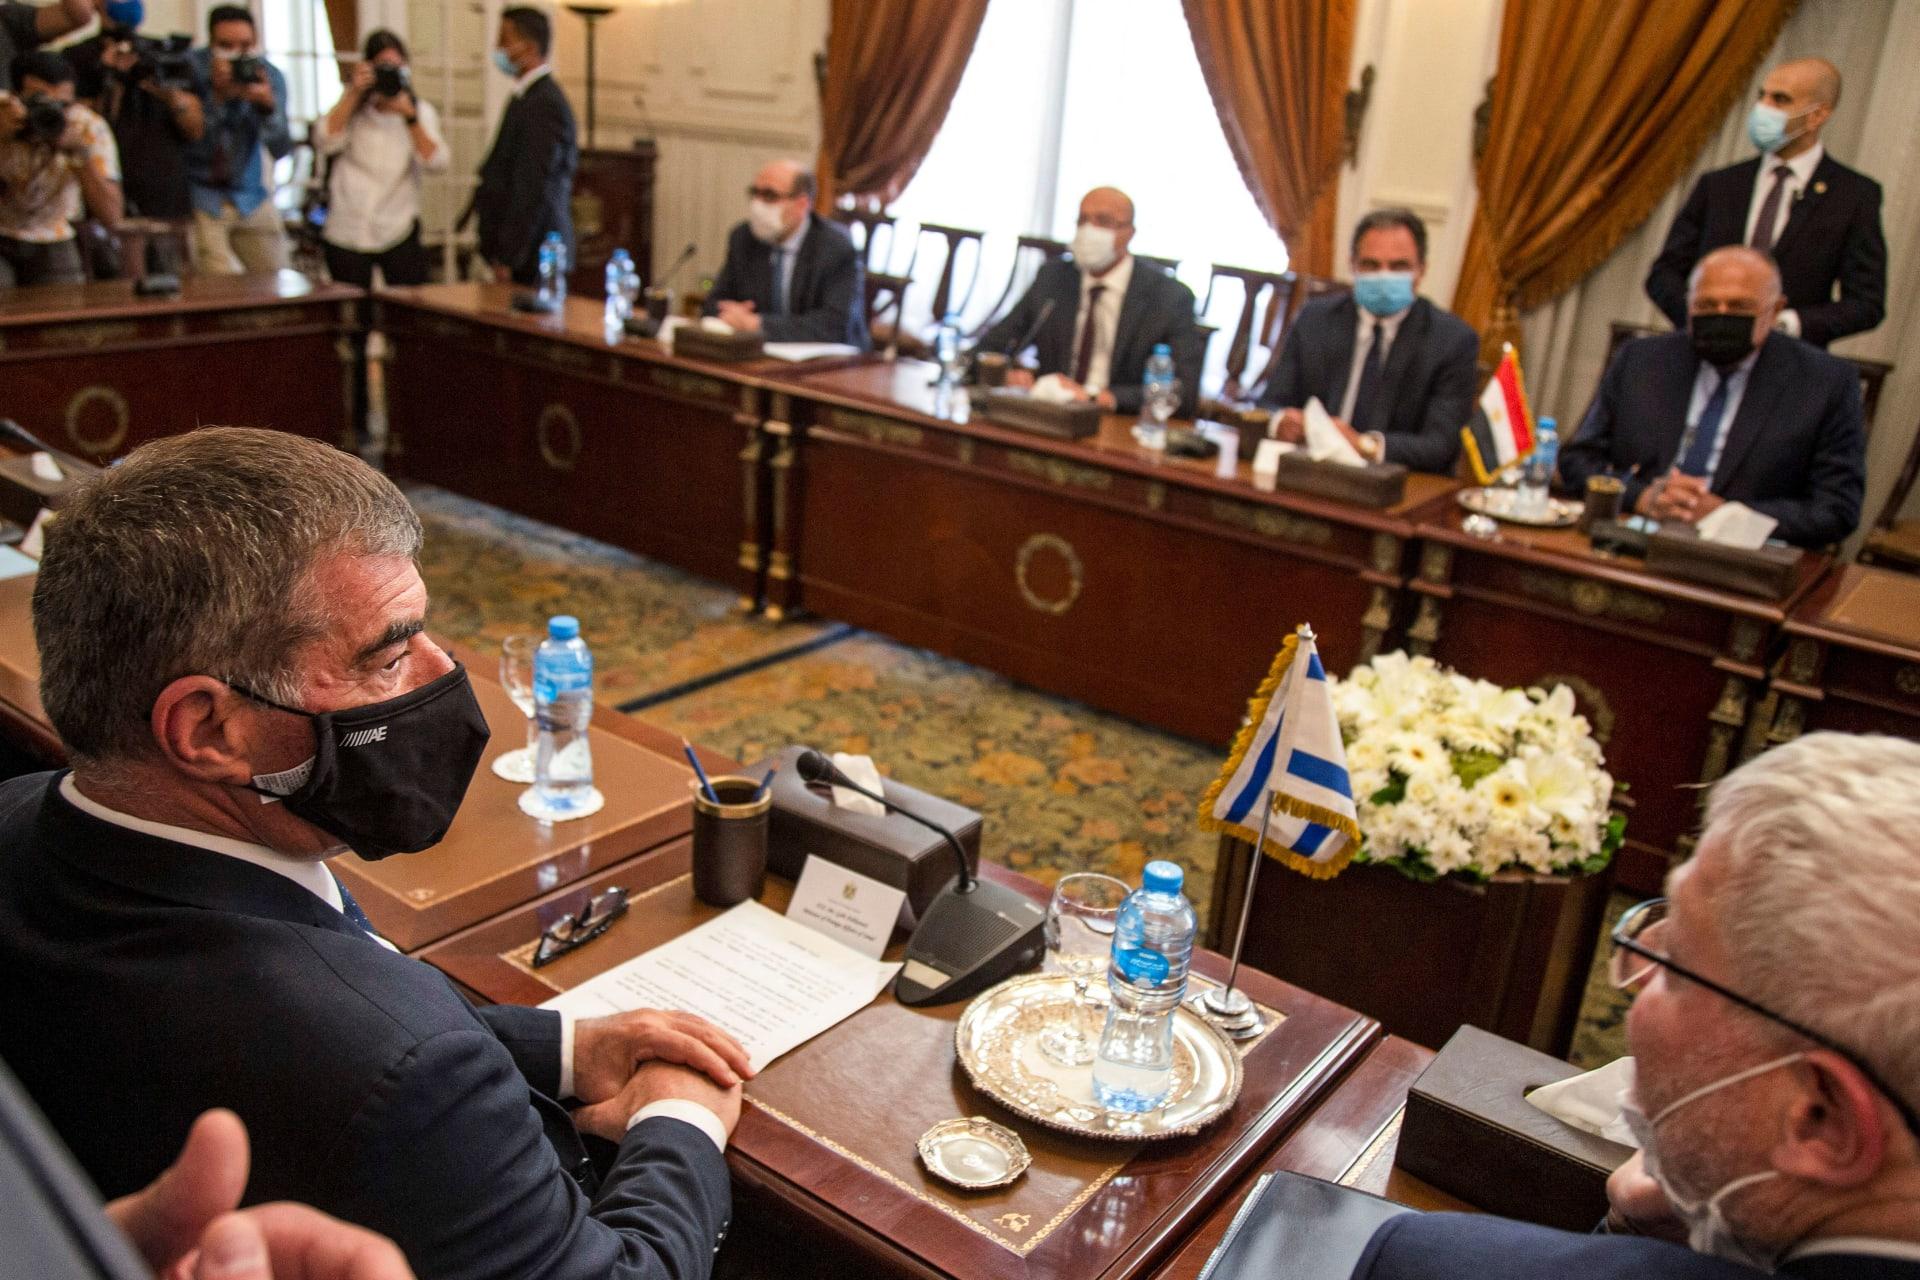 أول زيارة من وزير خارجية إسرائيلي لمصر منذ 2008